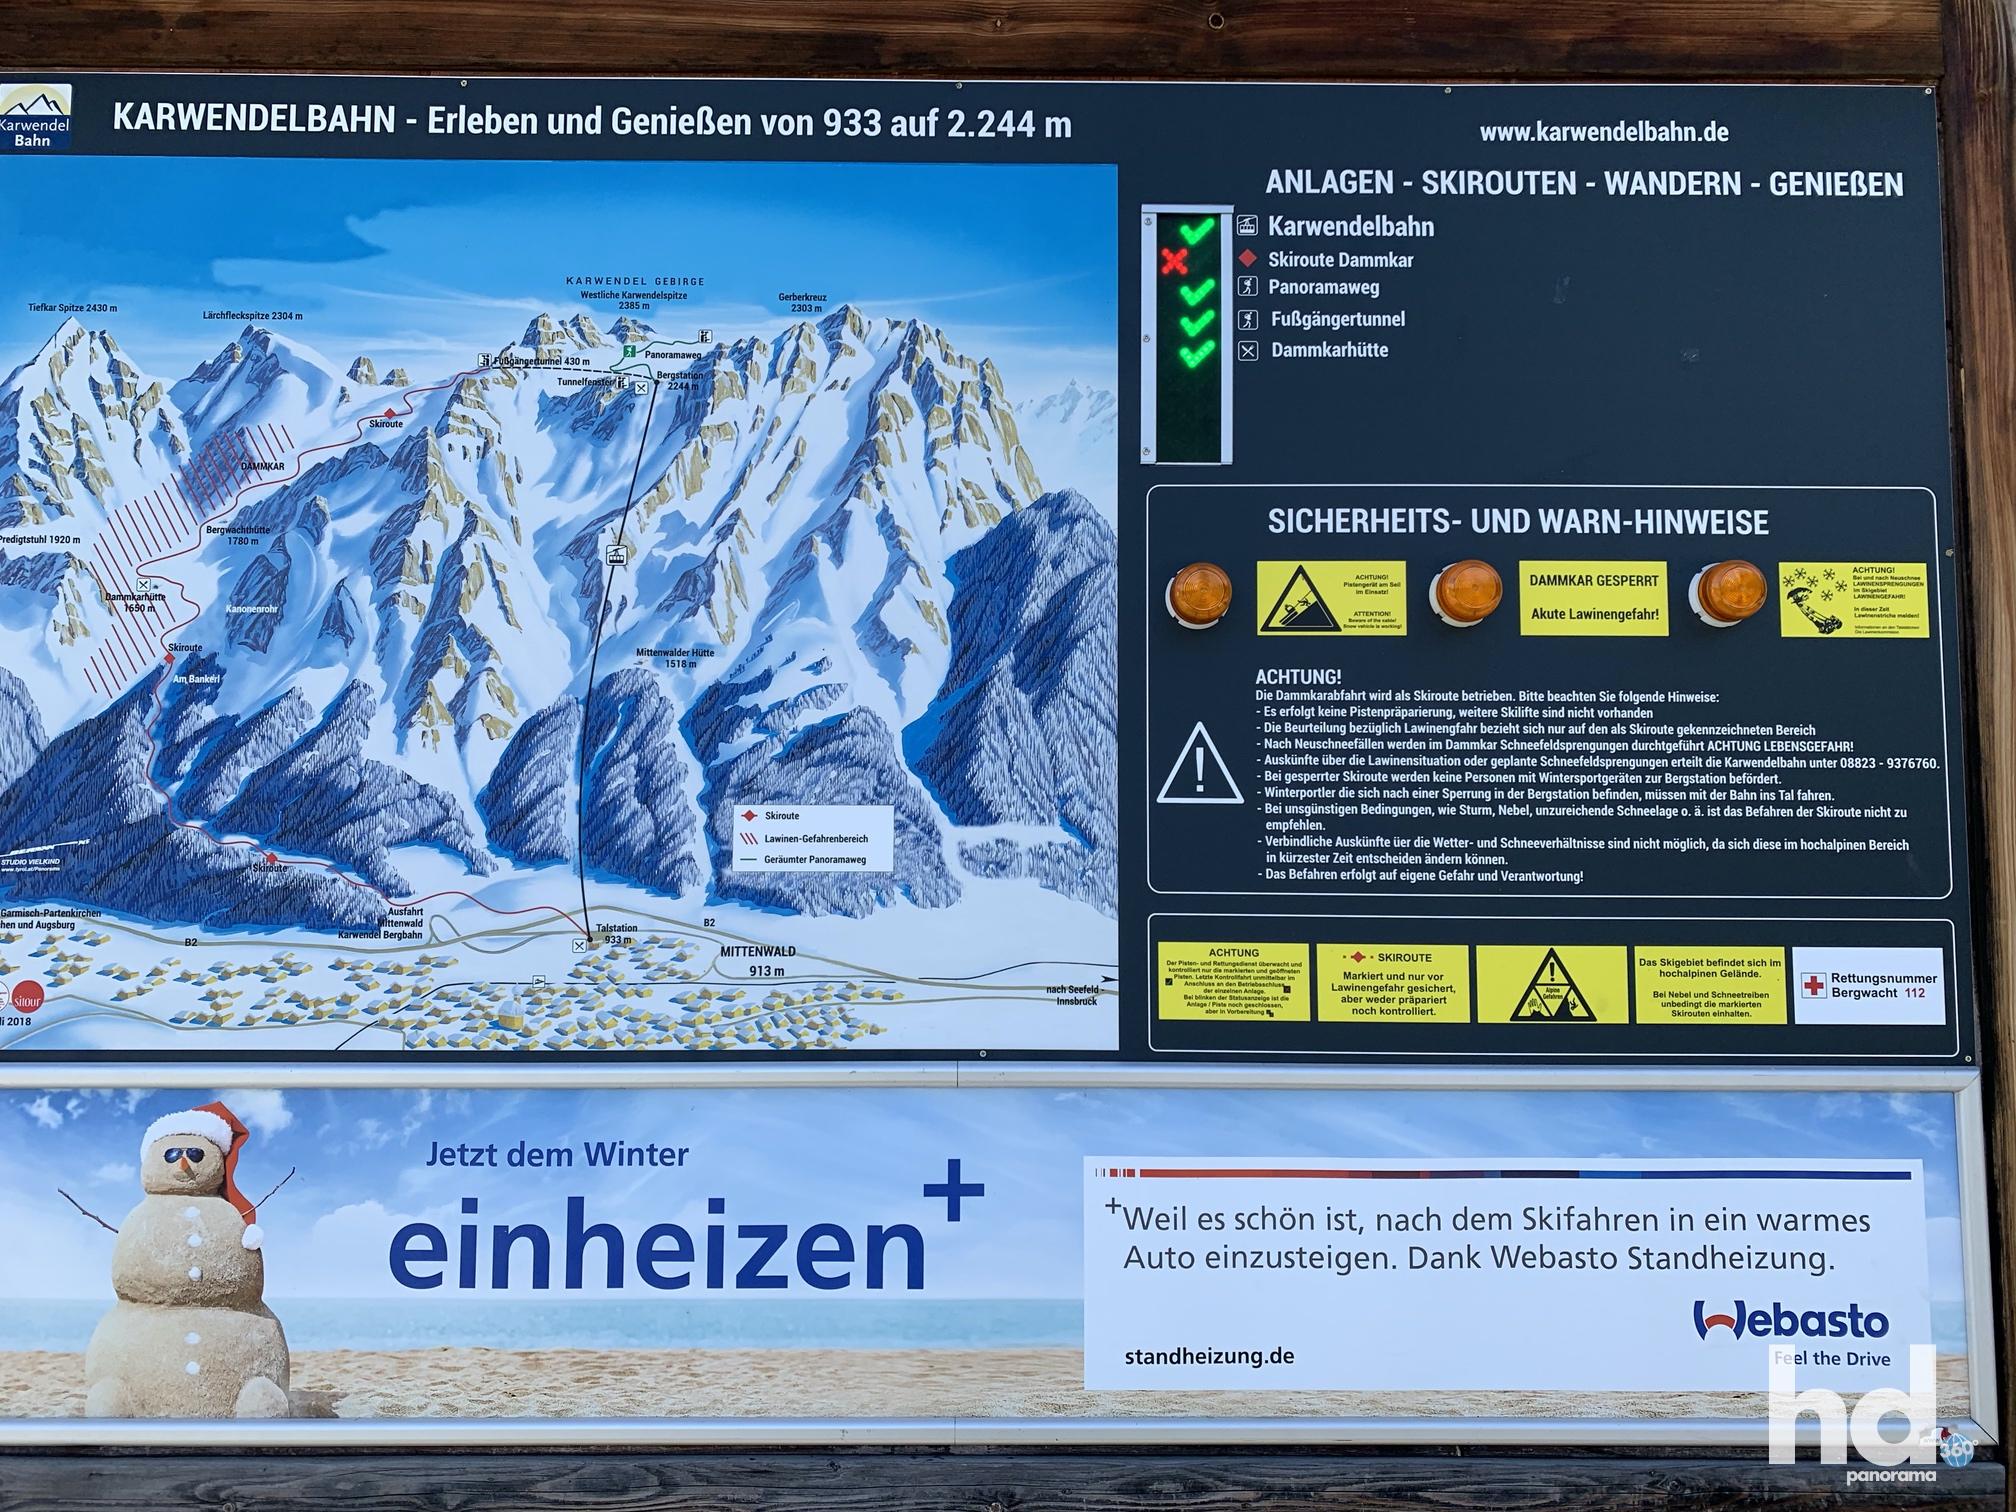 Zweithöchste Seilbahn Deutschlands, Mittenwald rauf auf den Karwendelspitz, Infotafel an der Talstation, Foto © HD-Panorama